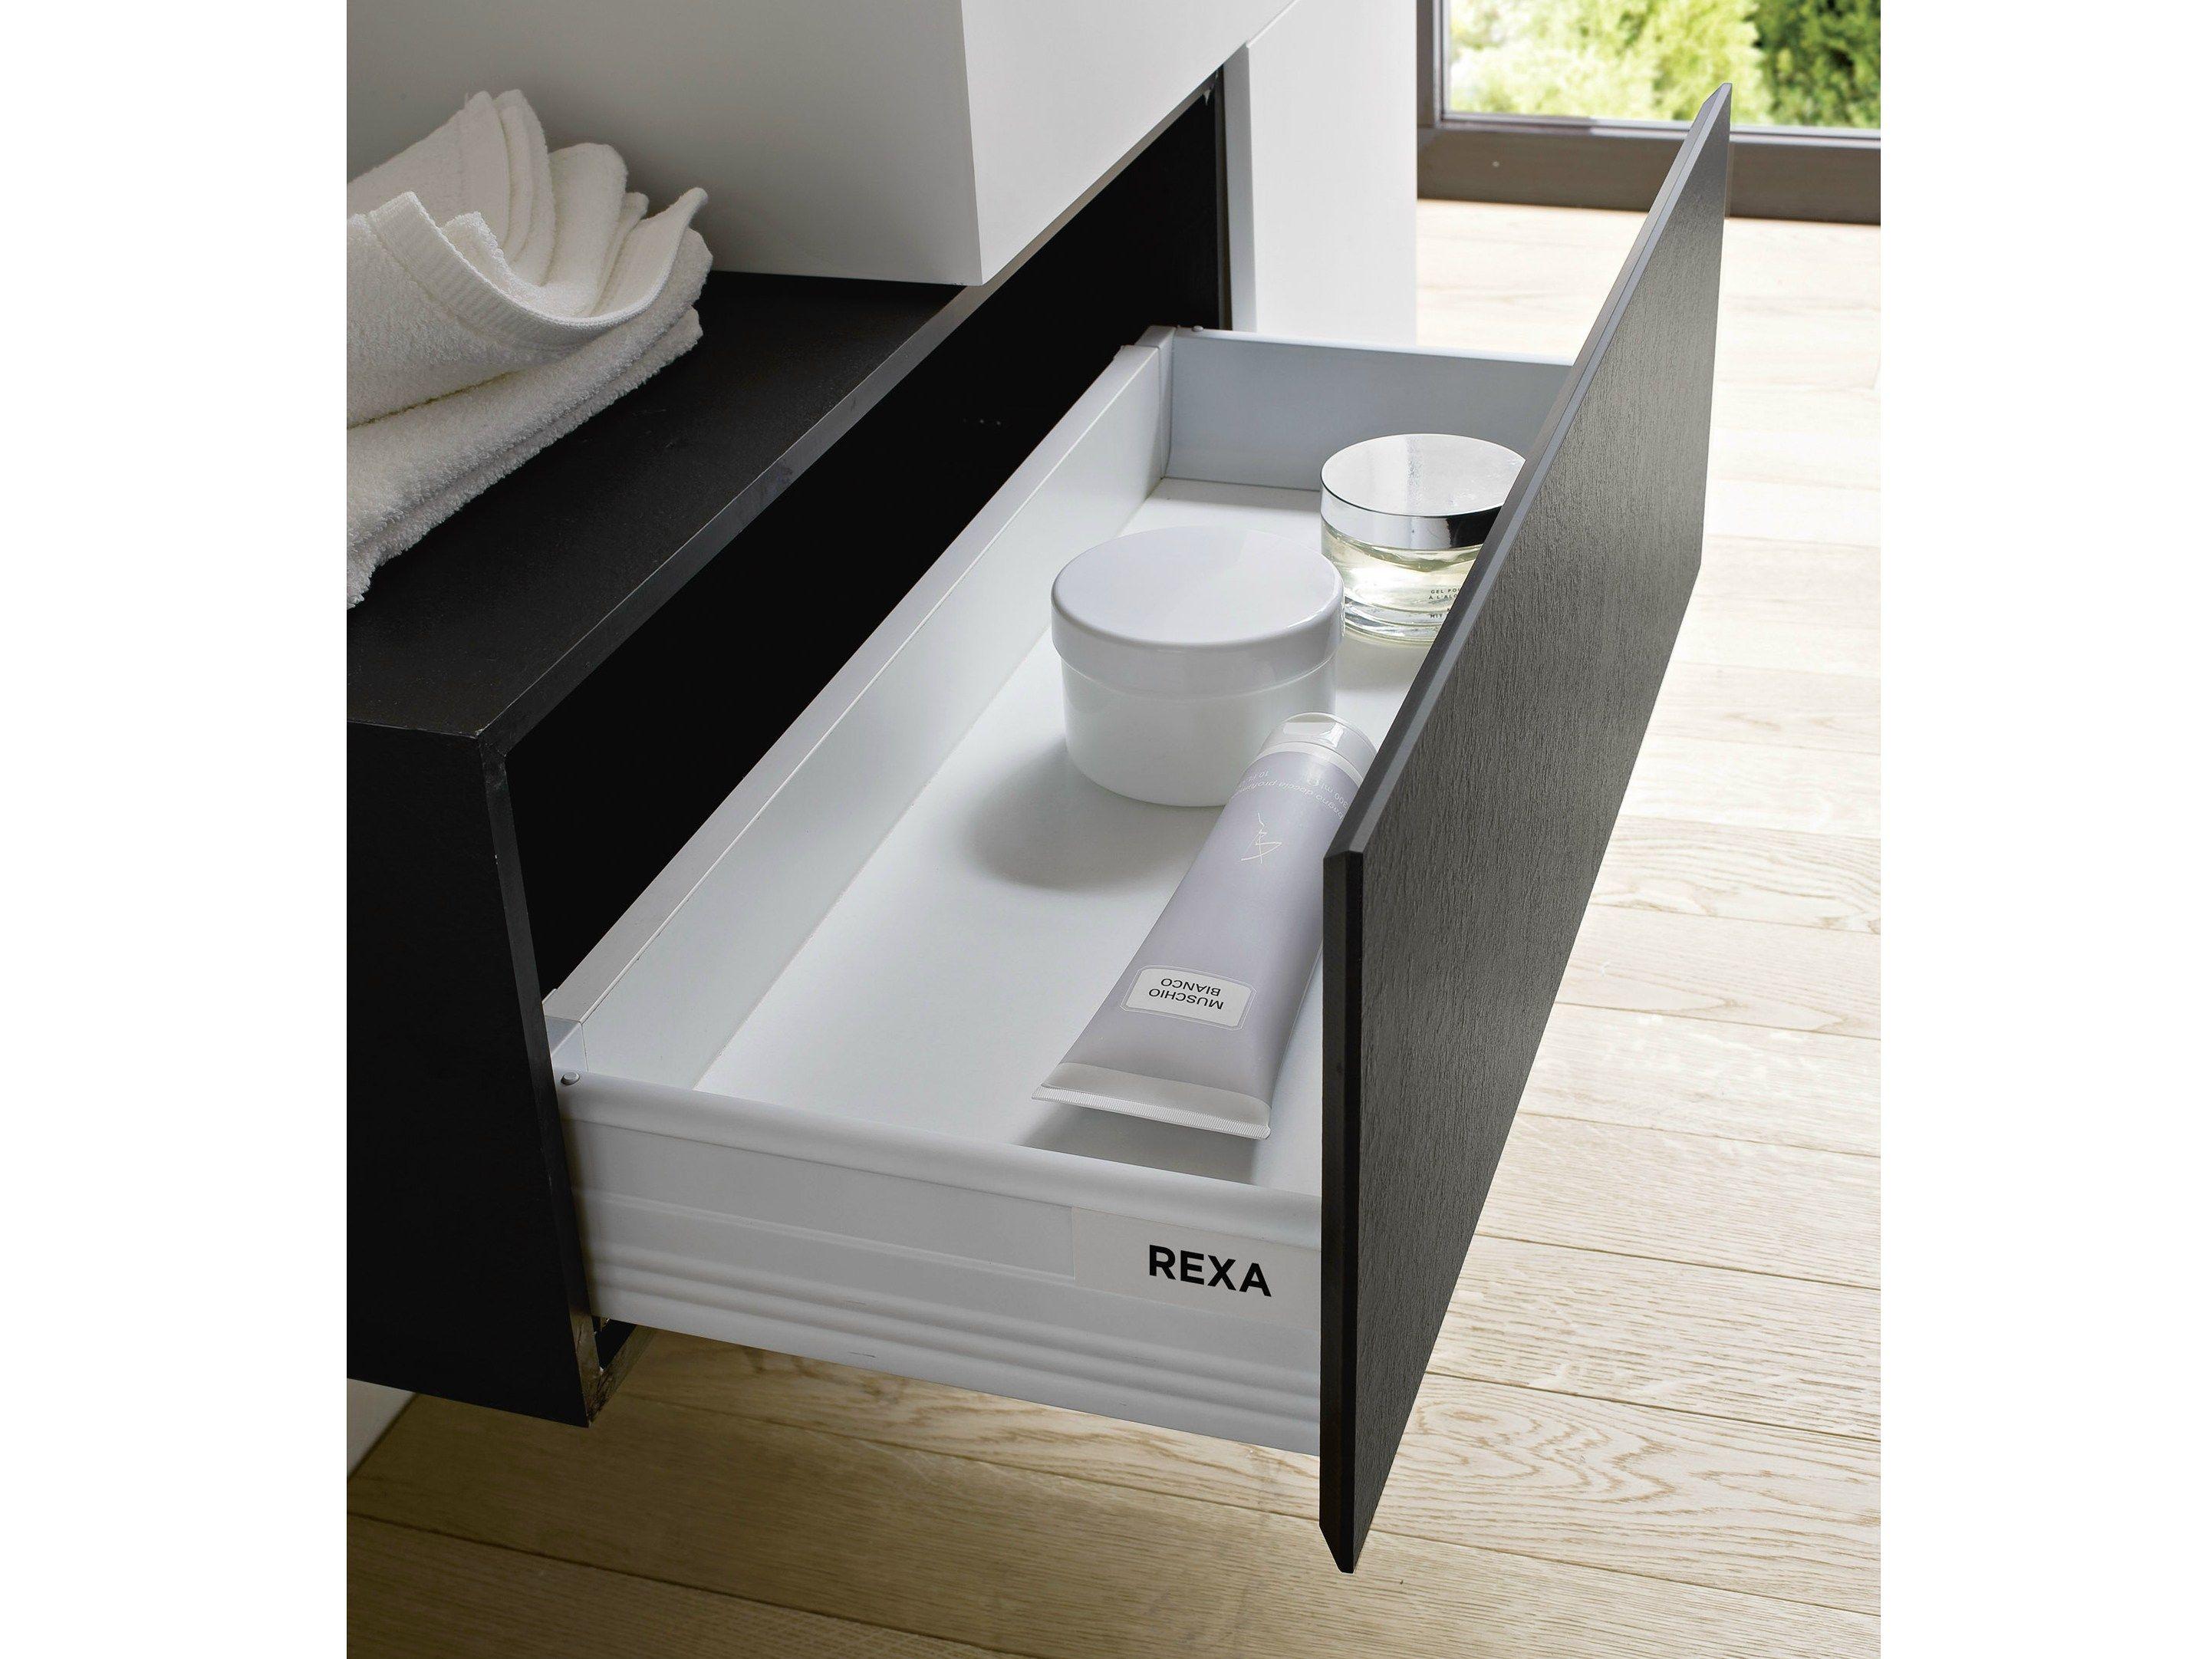 Argo meuble pour salle de bain avec tiroirs by rexa design for Meuble salle de bain suisse